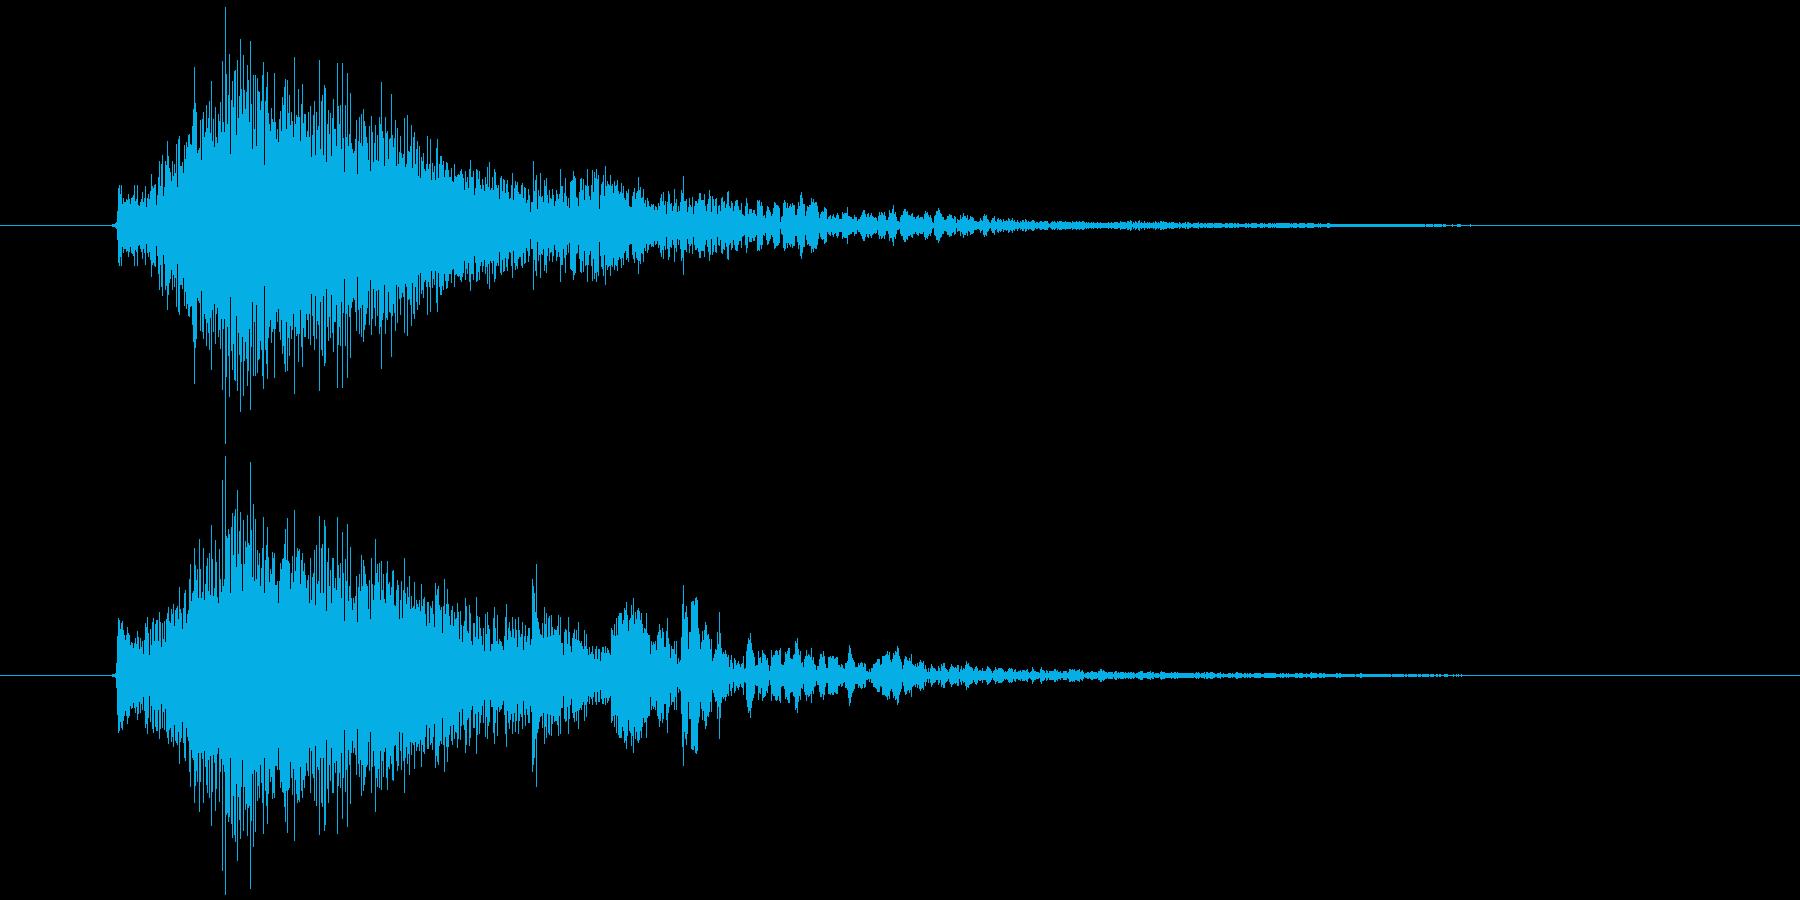 テロップ表示や場面転換に使えるかわいい音の再生済みの波形